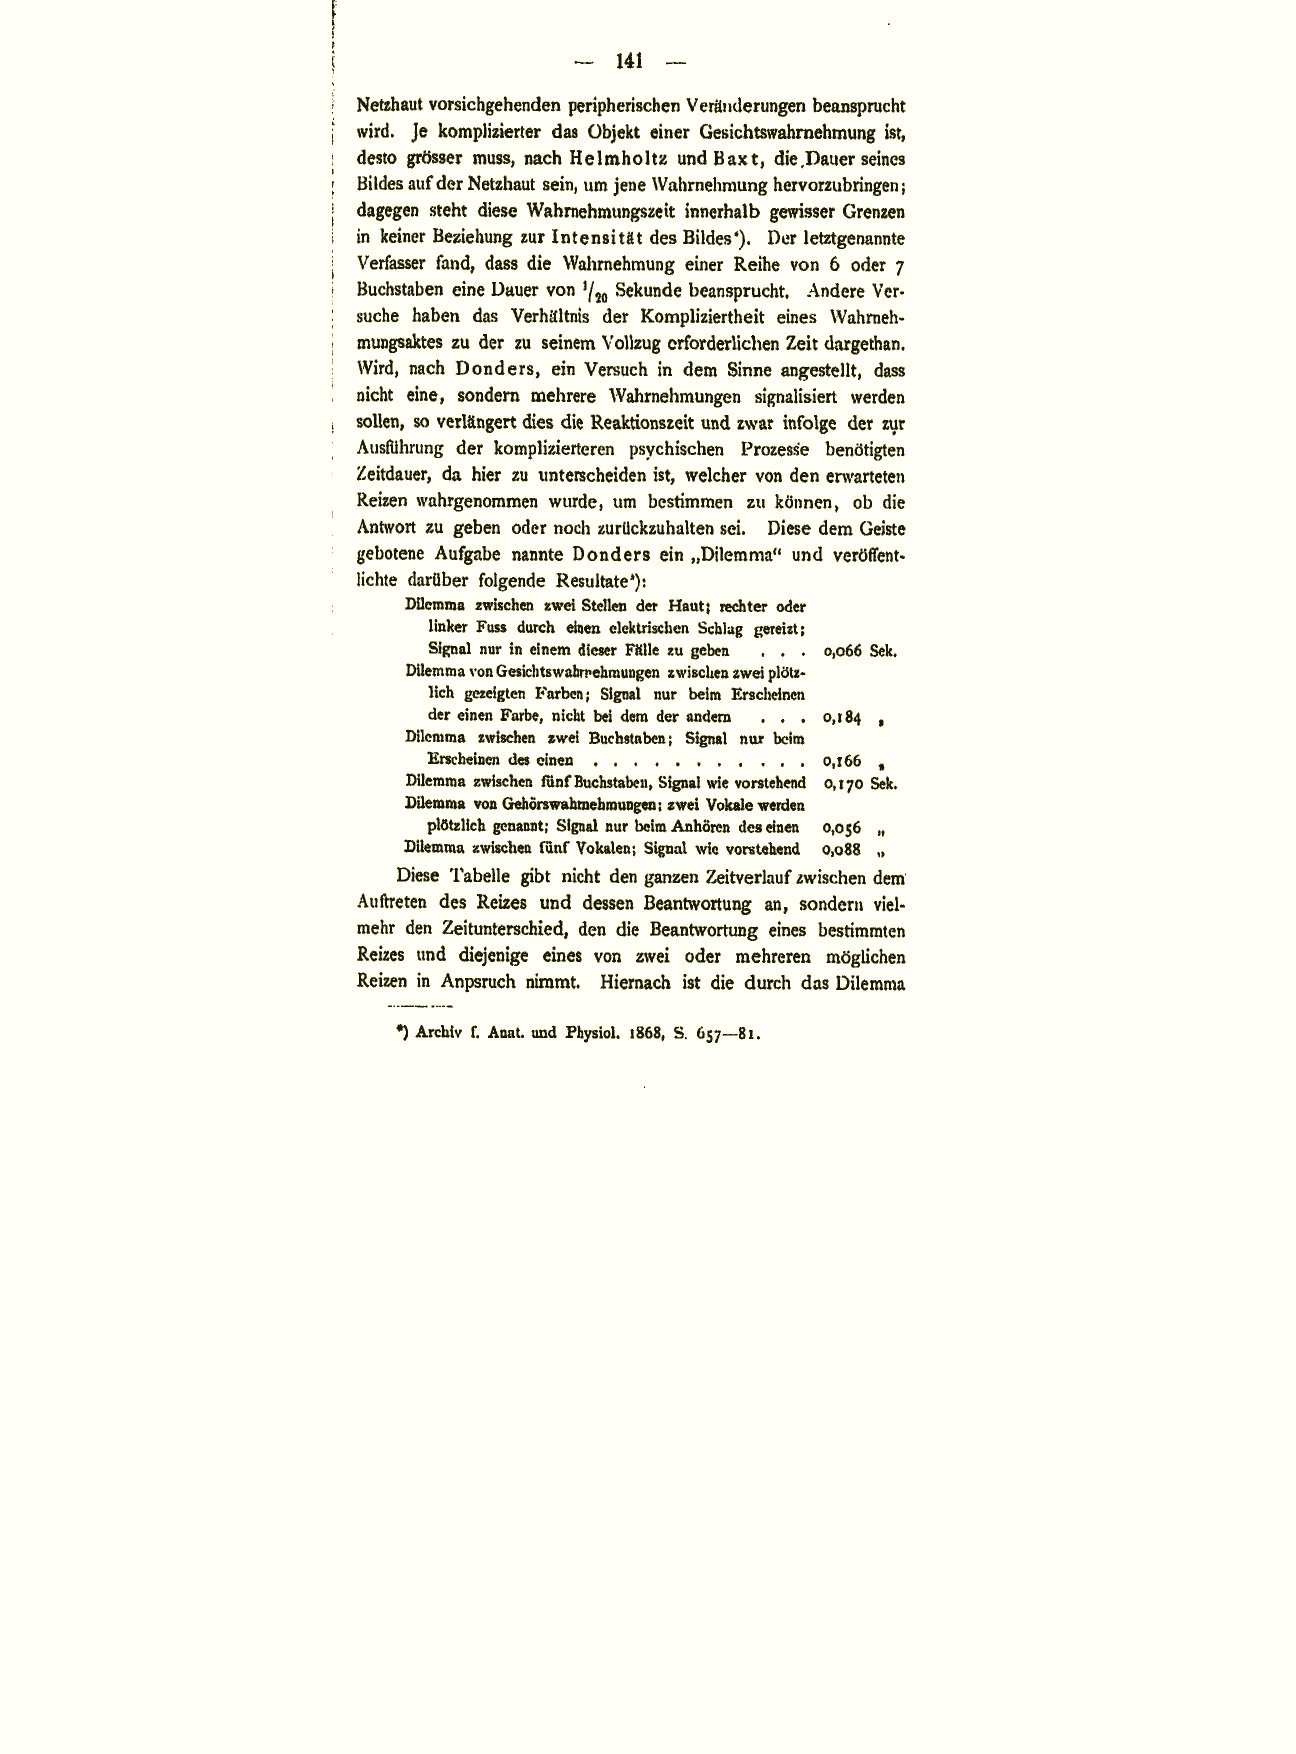 Darwin, C  R  1887  Über den Instinkt  In G  J  Romanes, Die